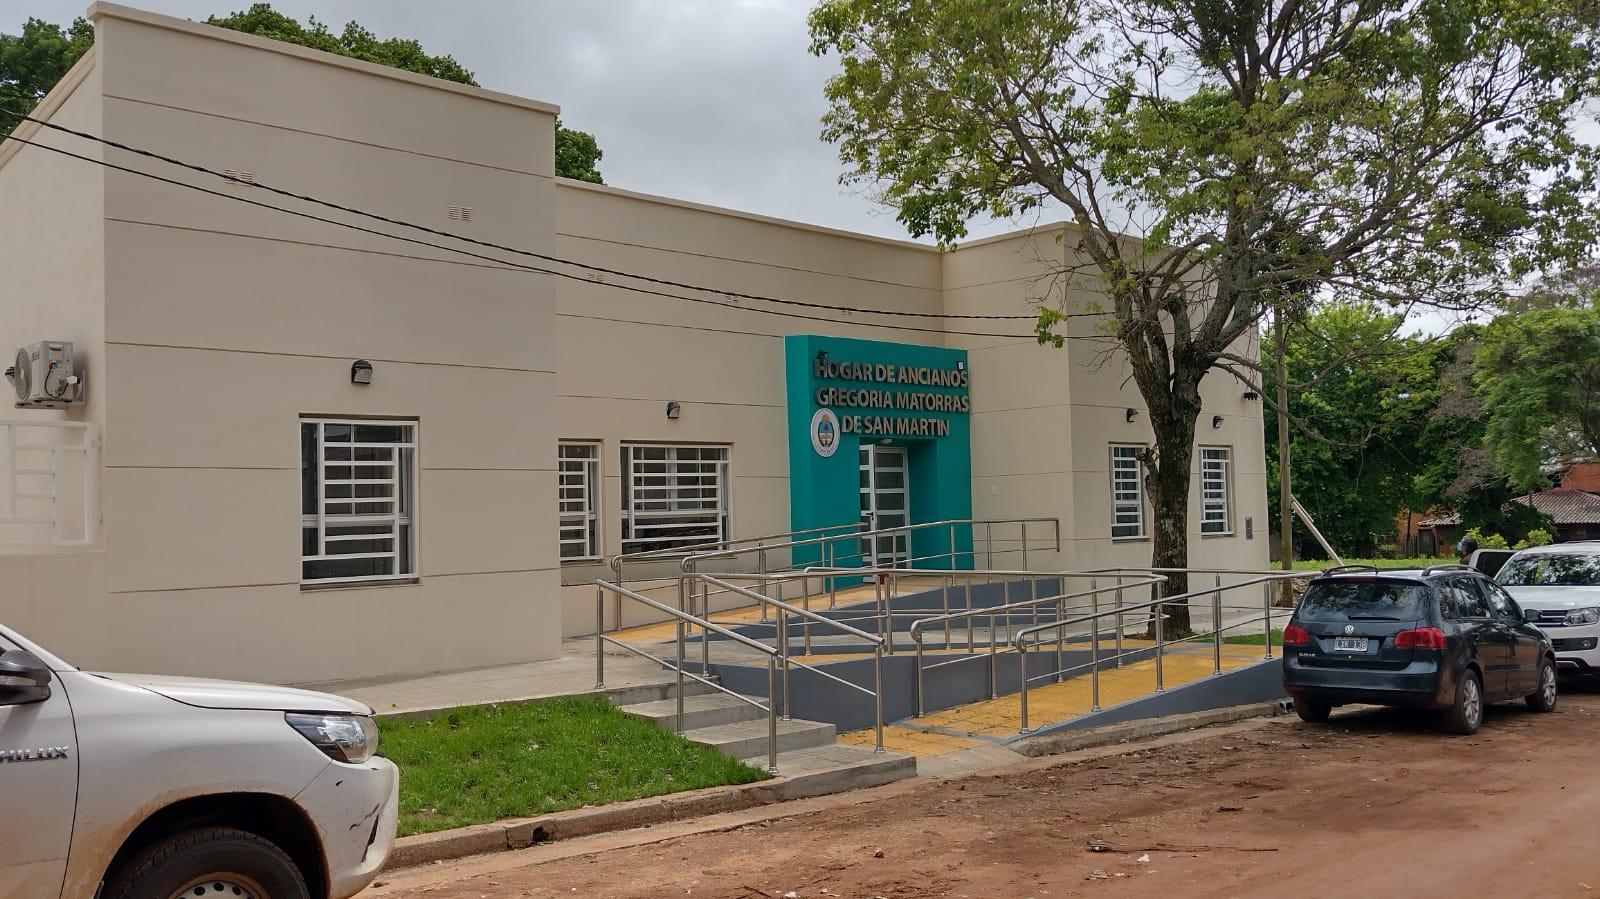 Provincia concluyó la refacción y ampliación del Hogar de Ancianos de Paso de los Libres